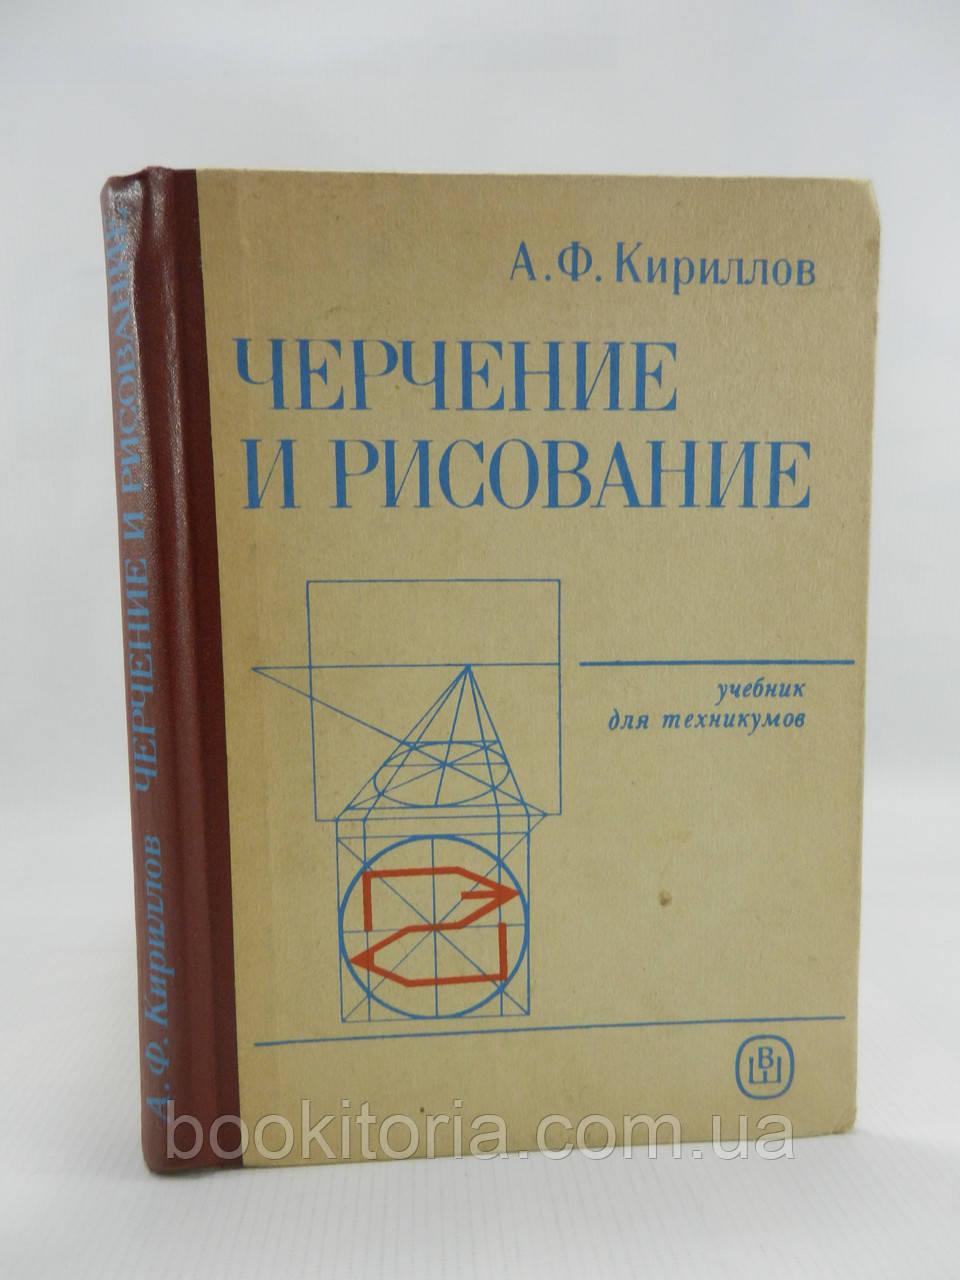 Кириллов А. Черчение и рисование (б/у).